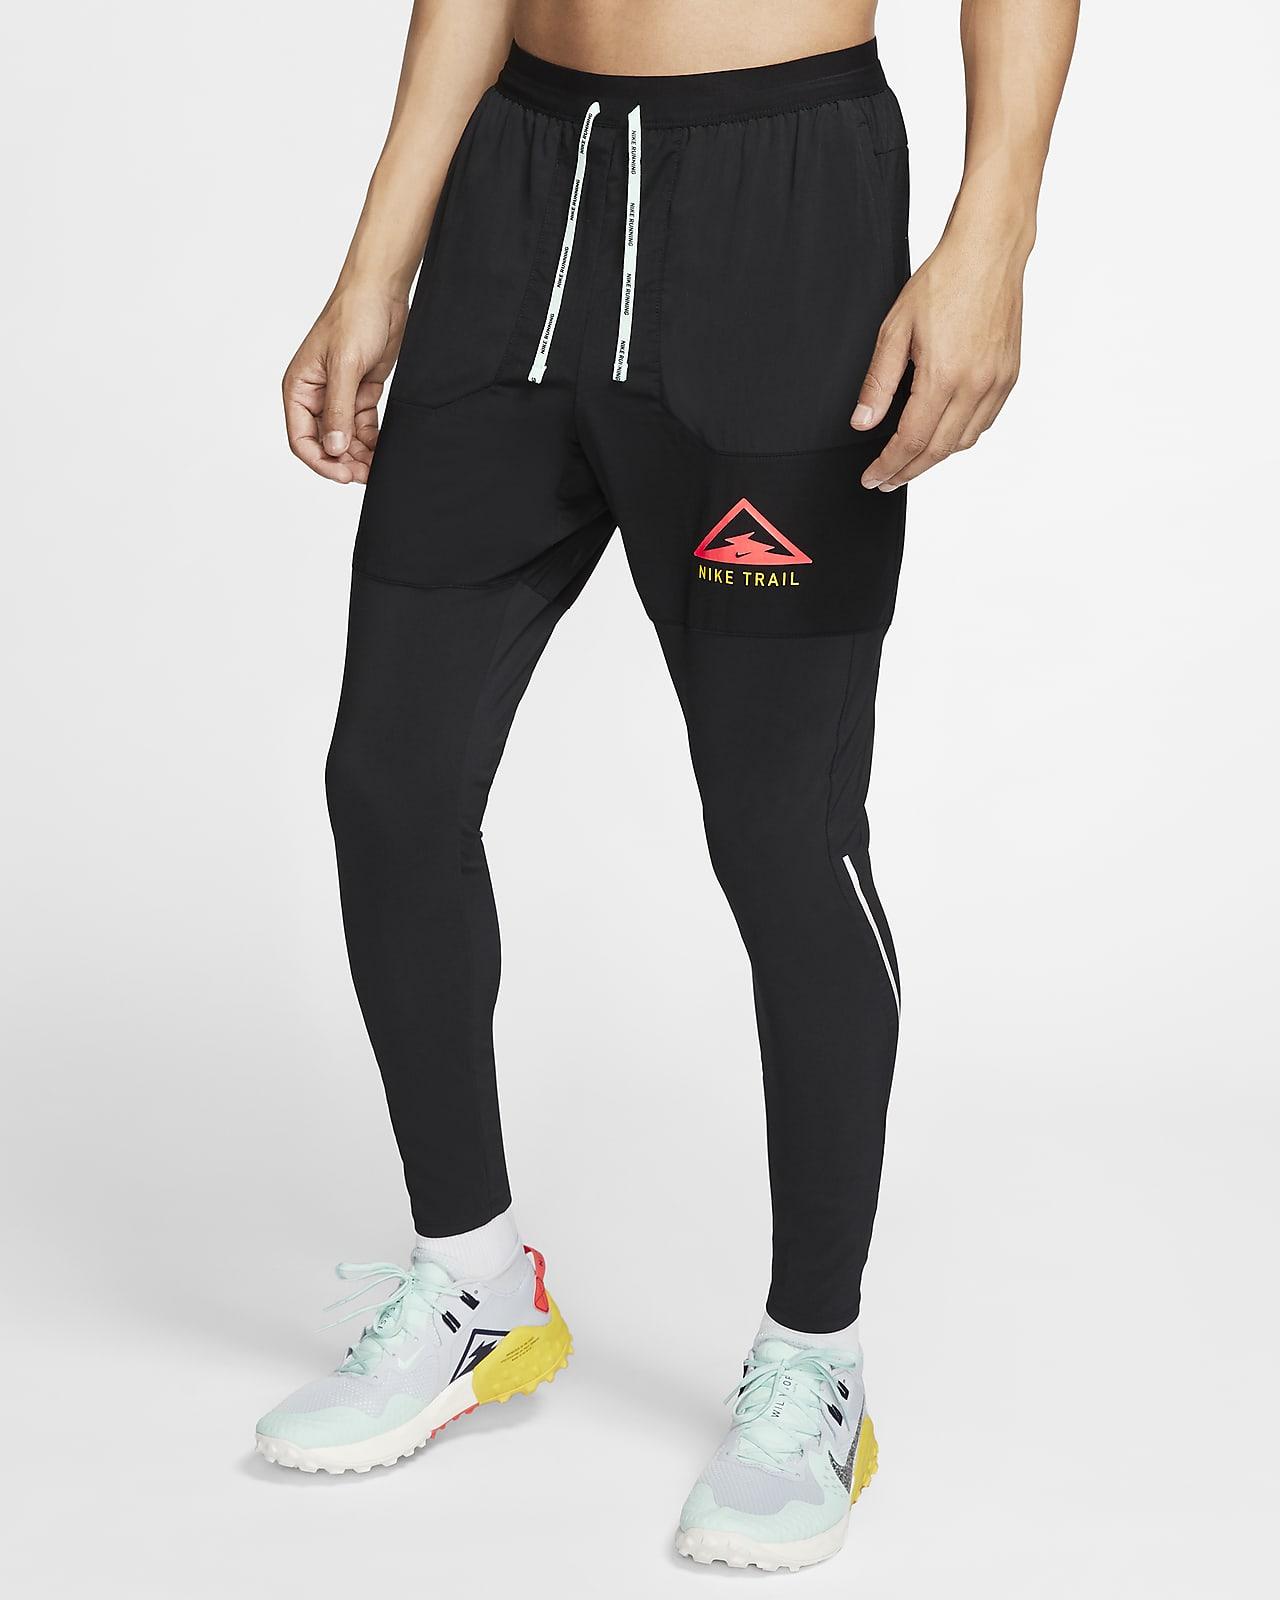 Nike Phenom Elite Men's Hybrid Trail Running Trousers